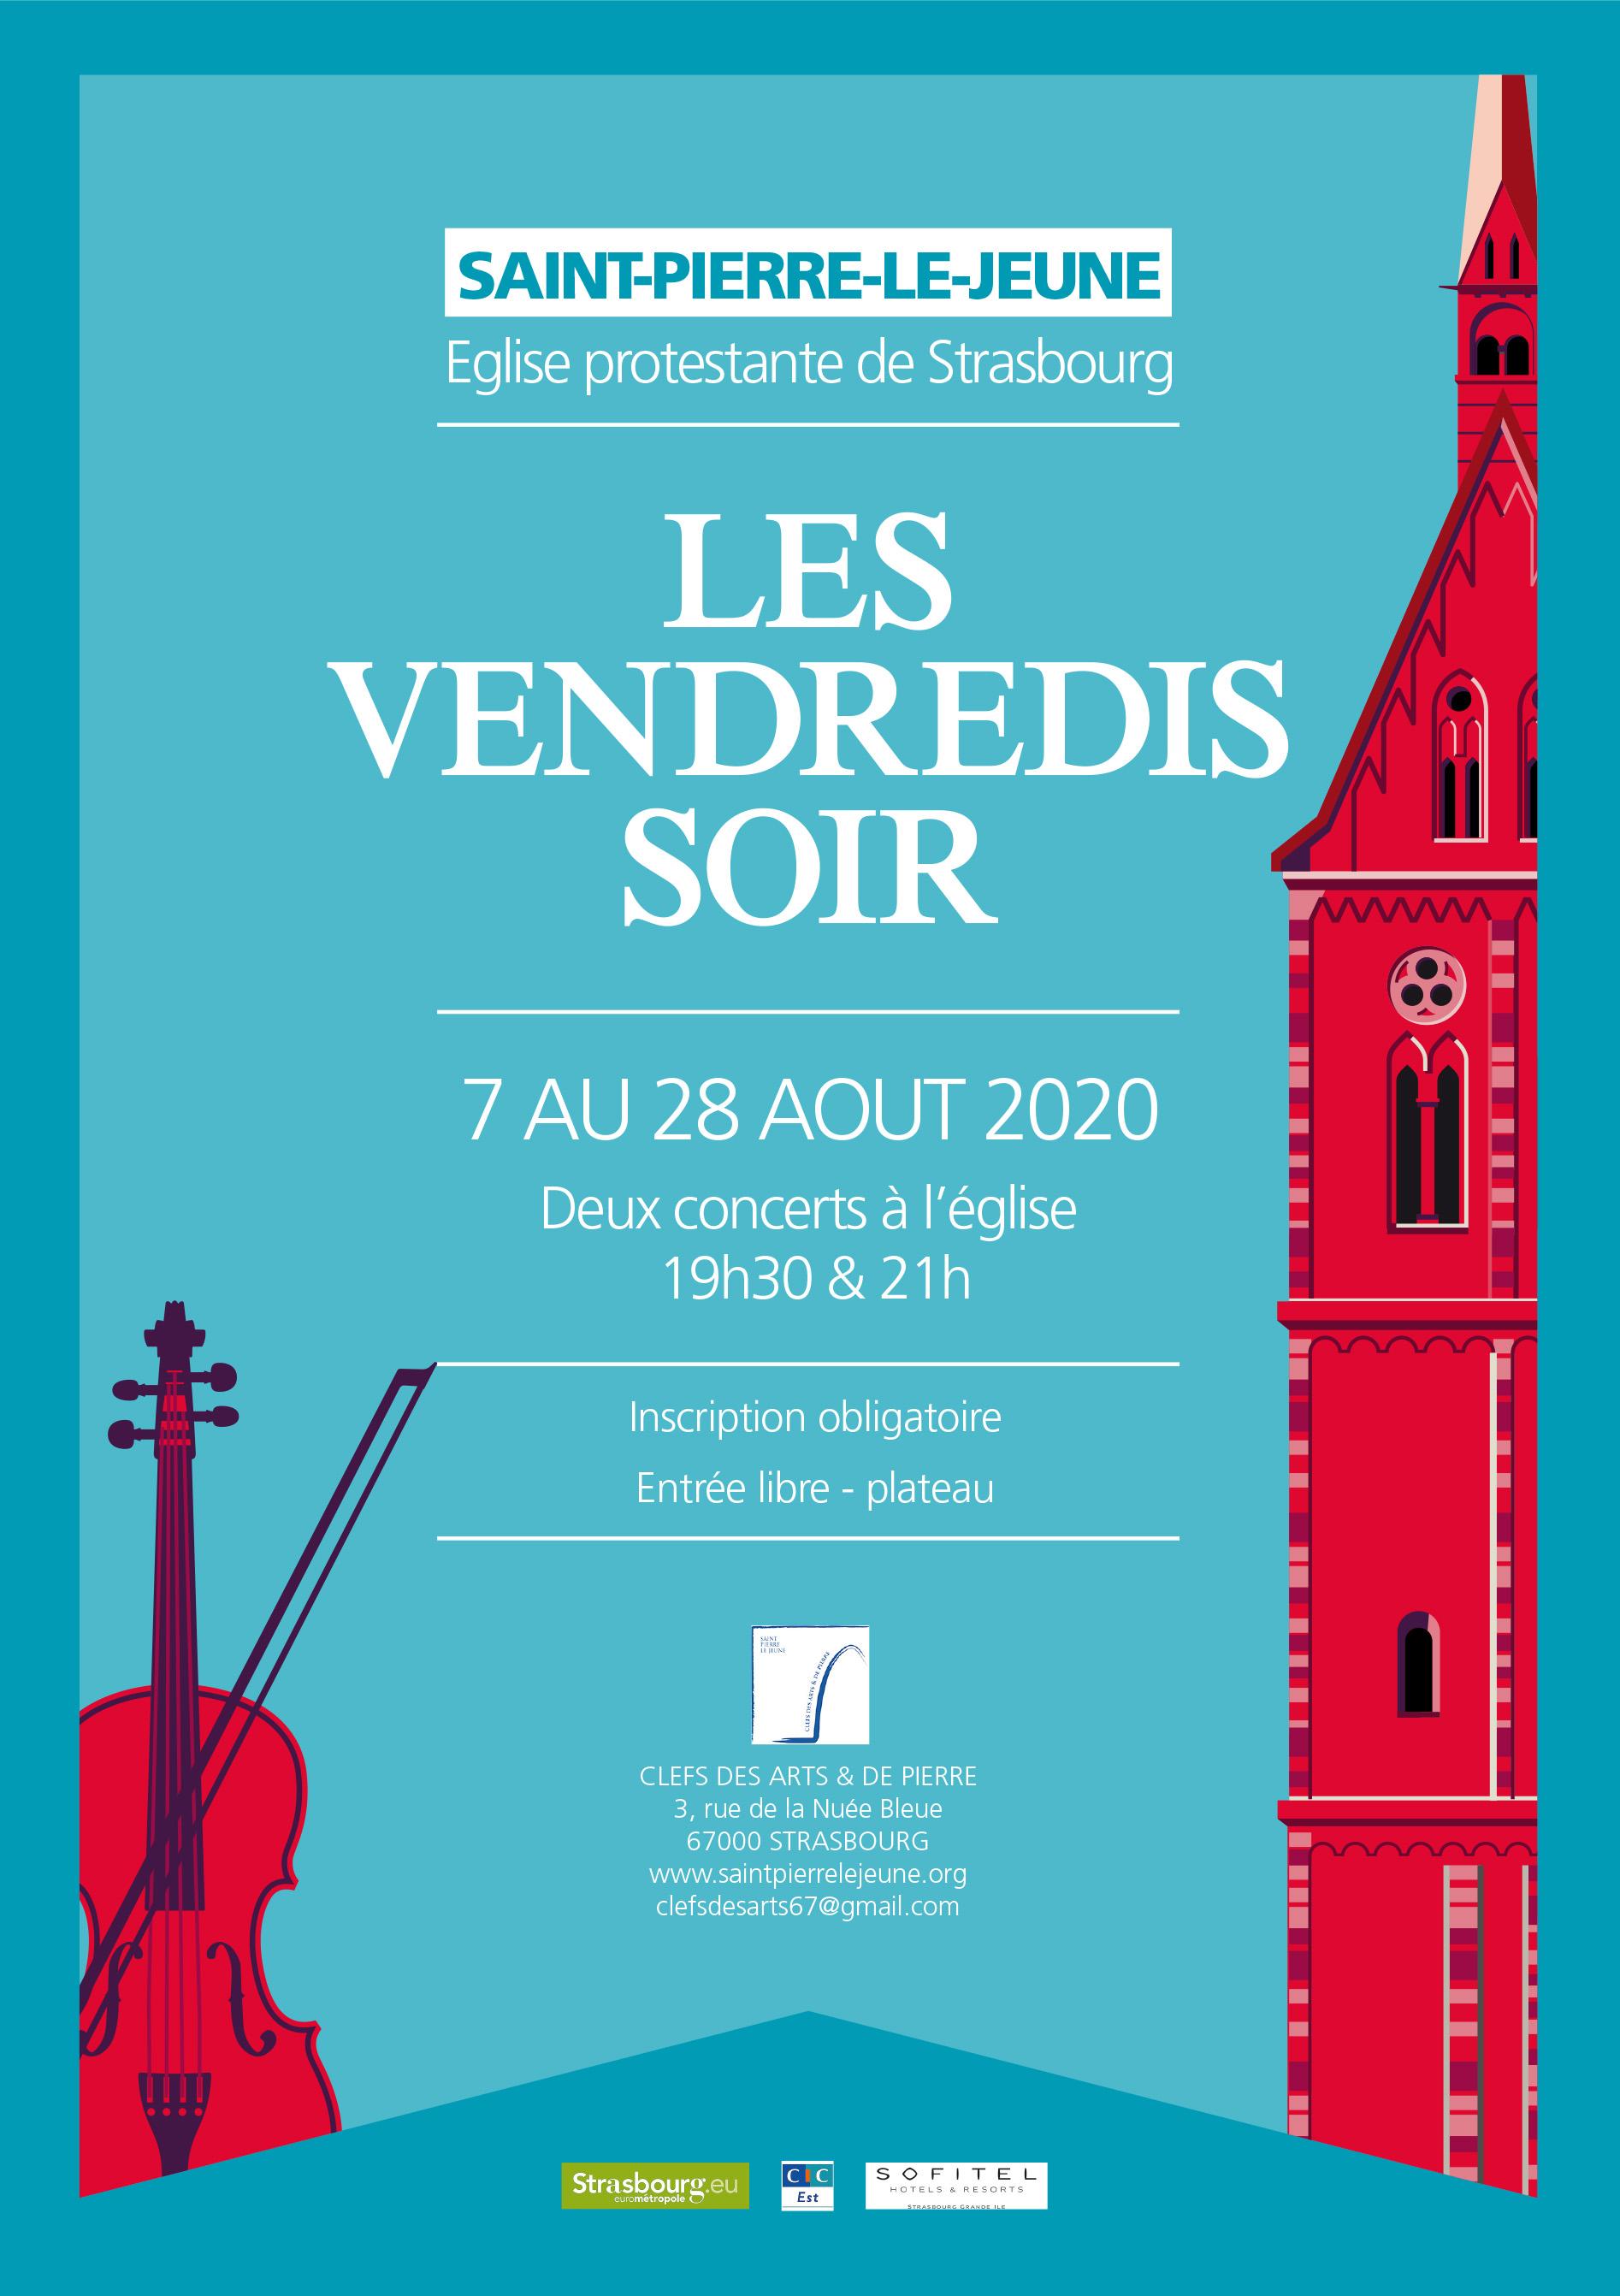 Les vendredis soir à Saint-Pierre-le-Jeune 2020